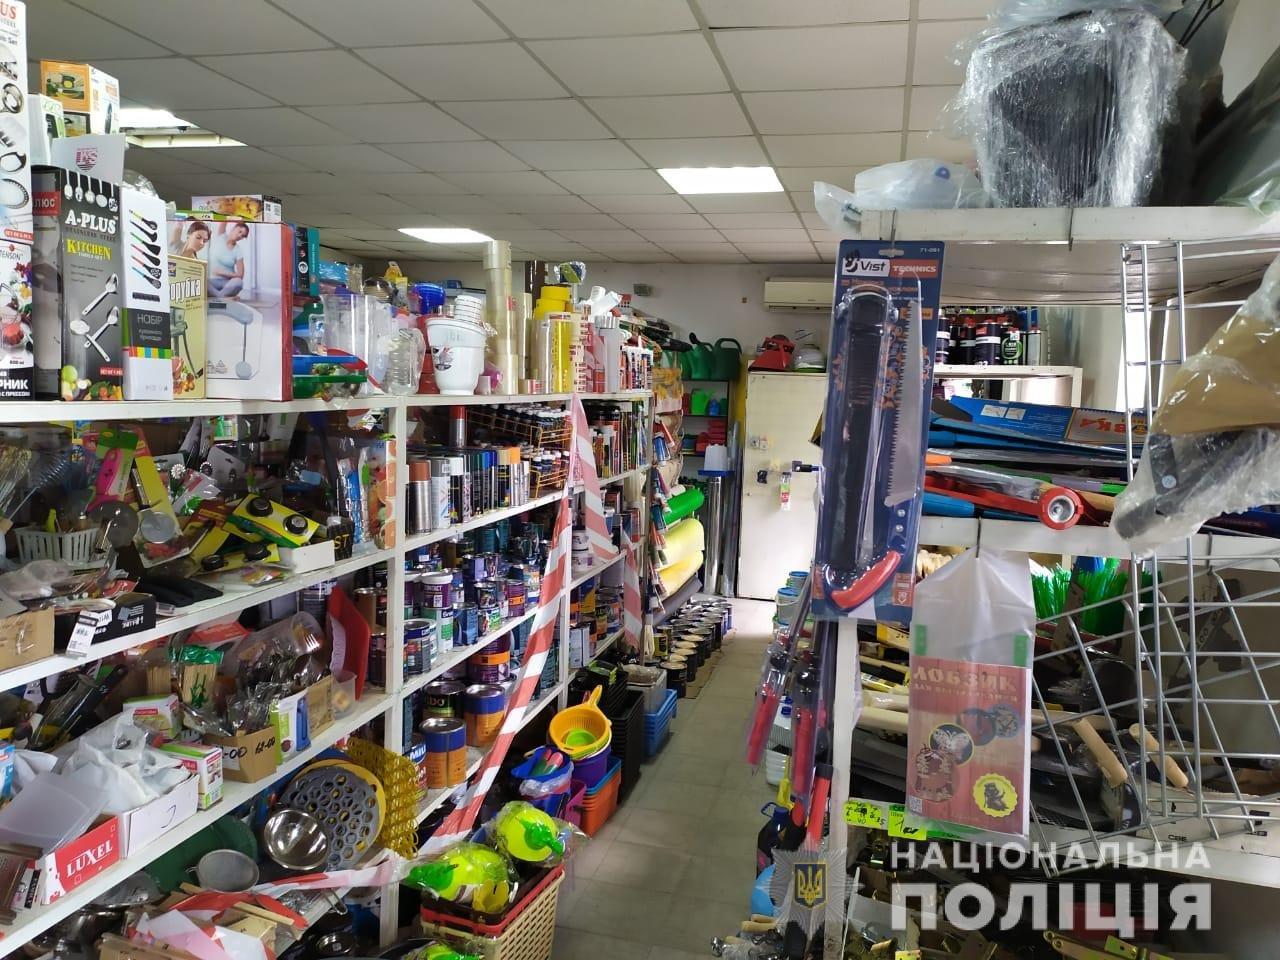 Под Днепром незаконно работали магазины и парикмахерская, нарушая карантин, - ФОТО, фото-1